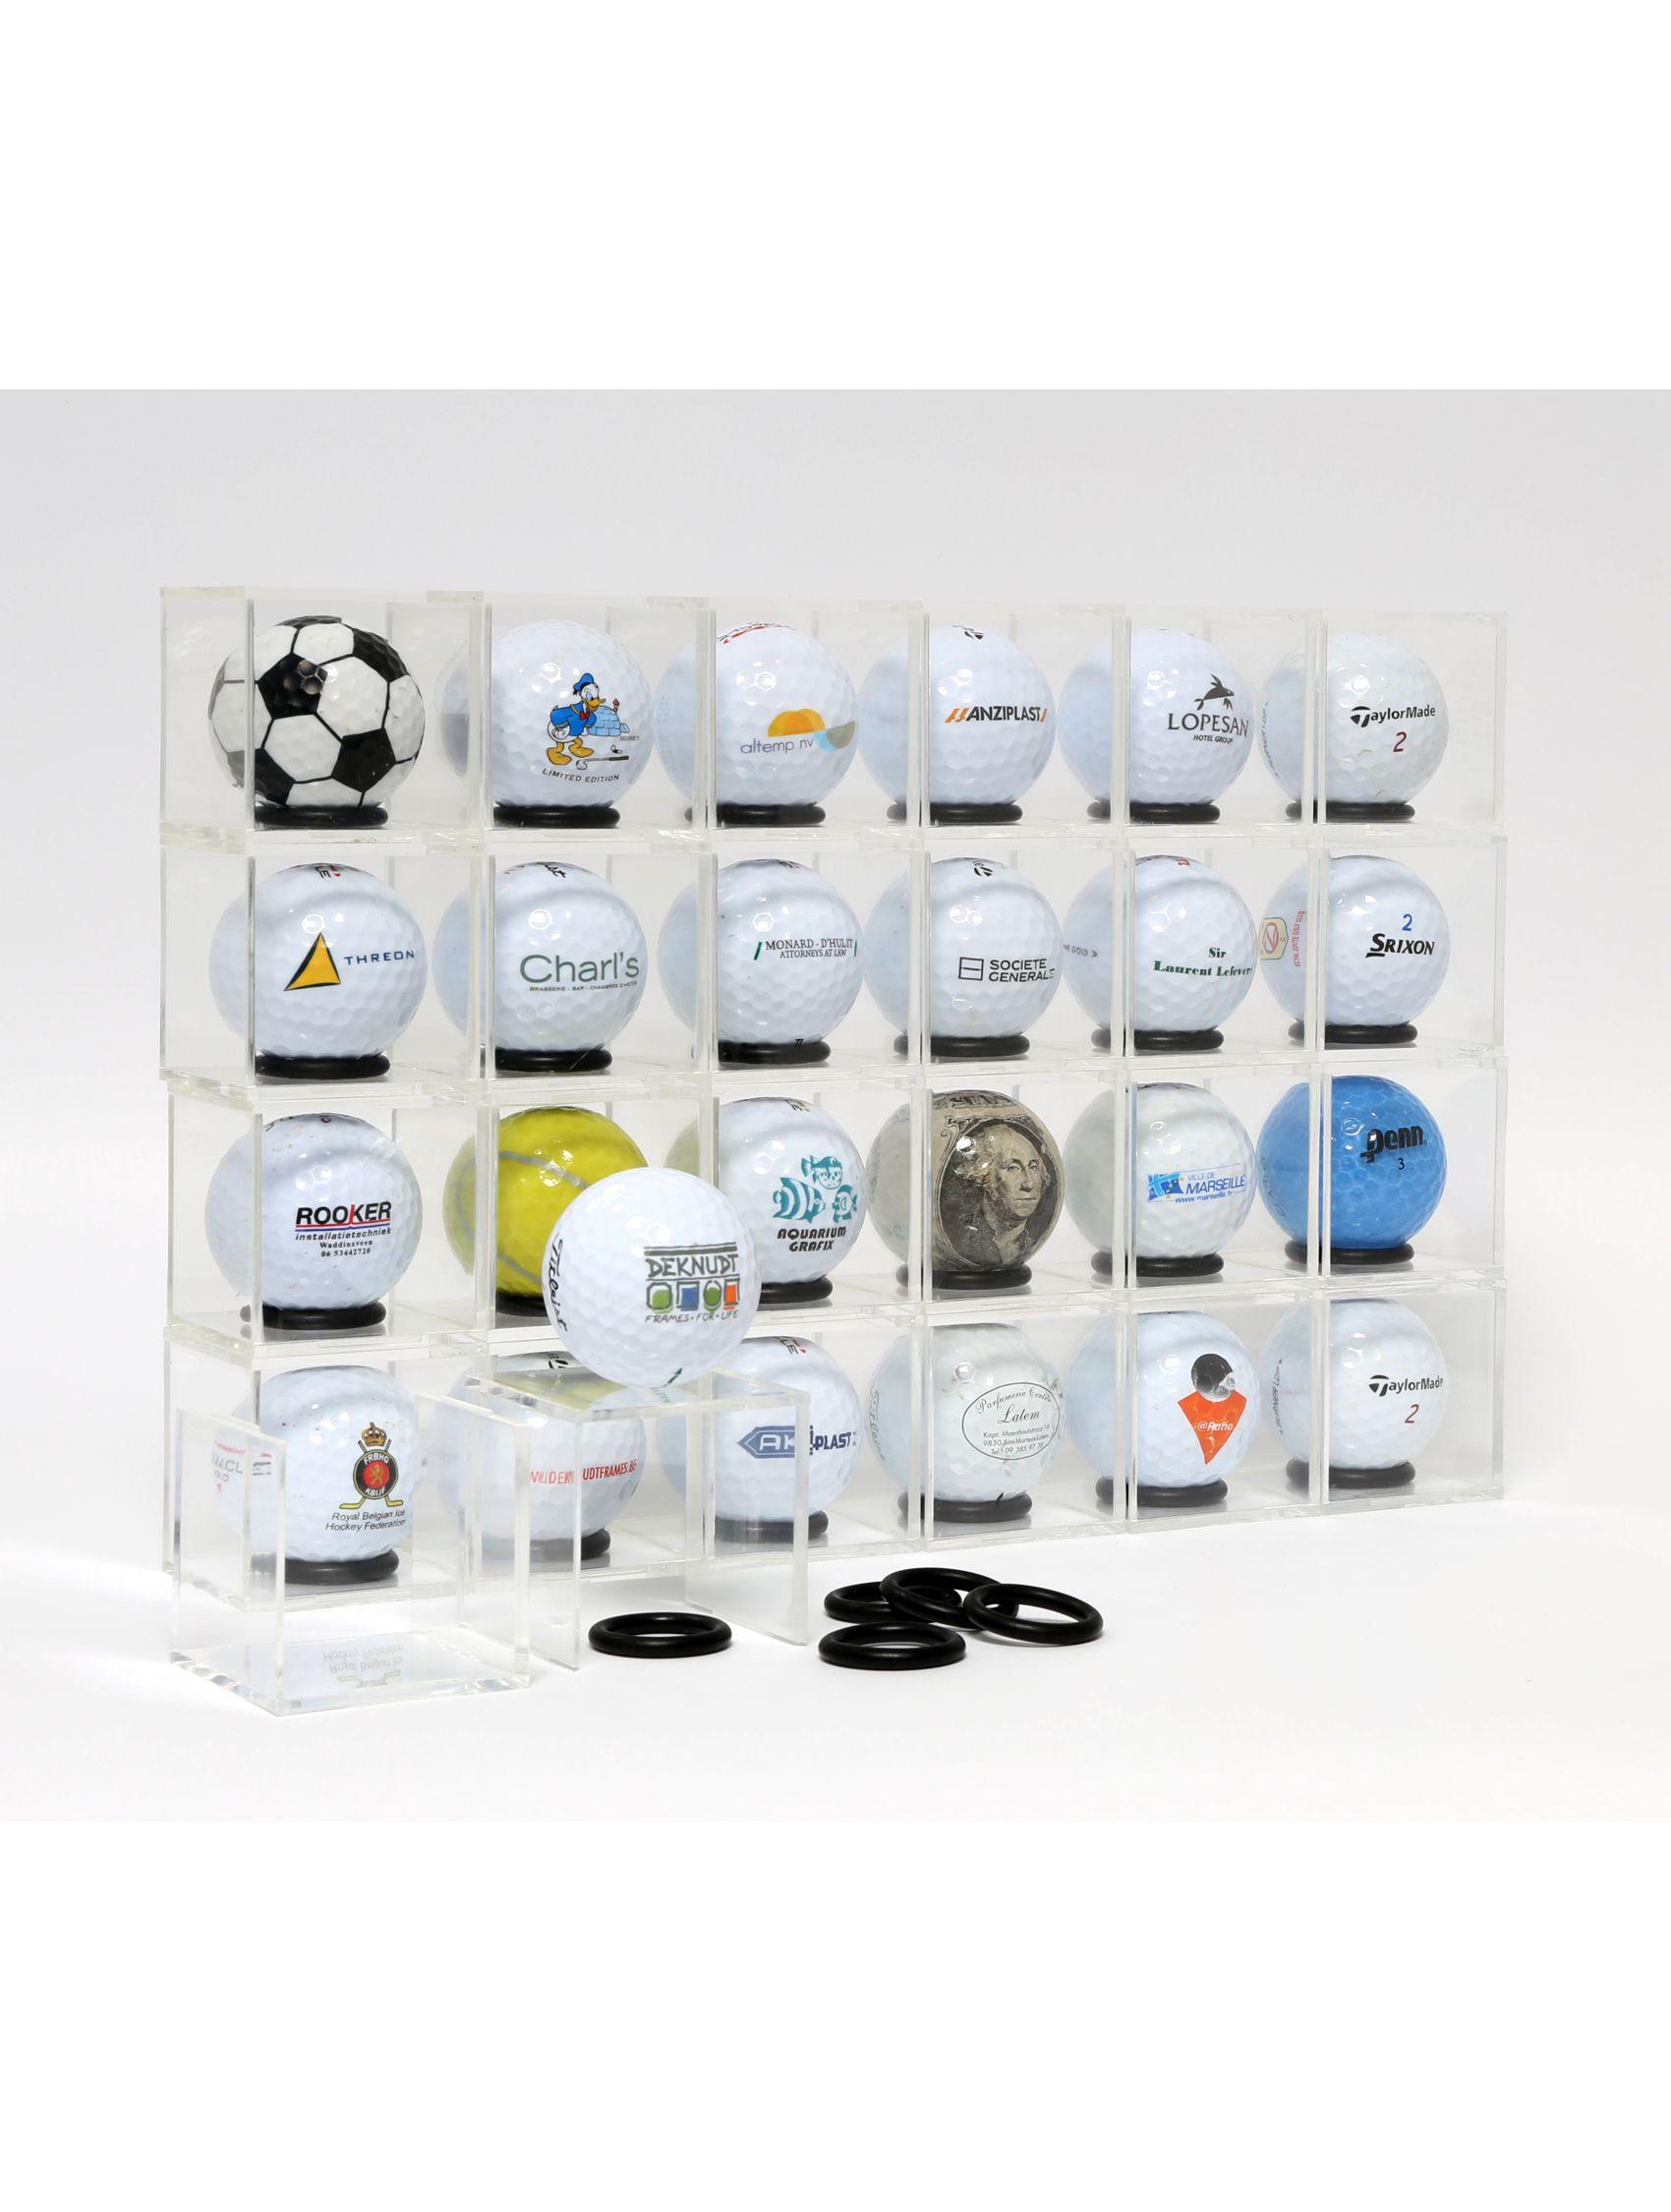 pakket plexidoosjes 5x5 met ringen voor presentatie golfballen - 24st S58RE2 GOLF